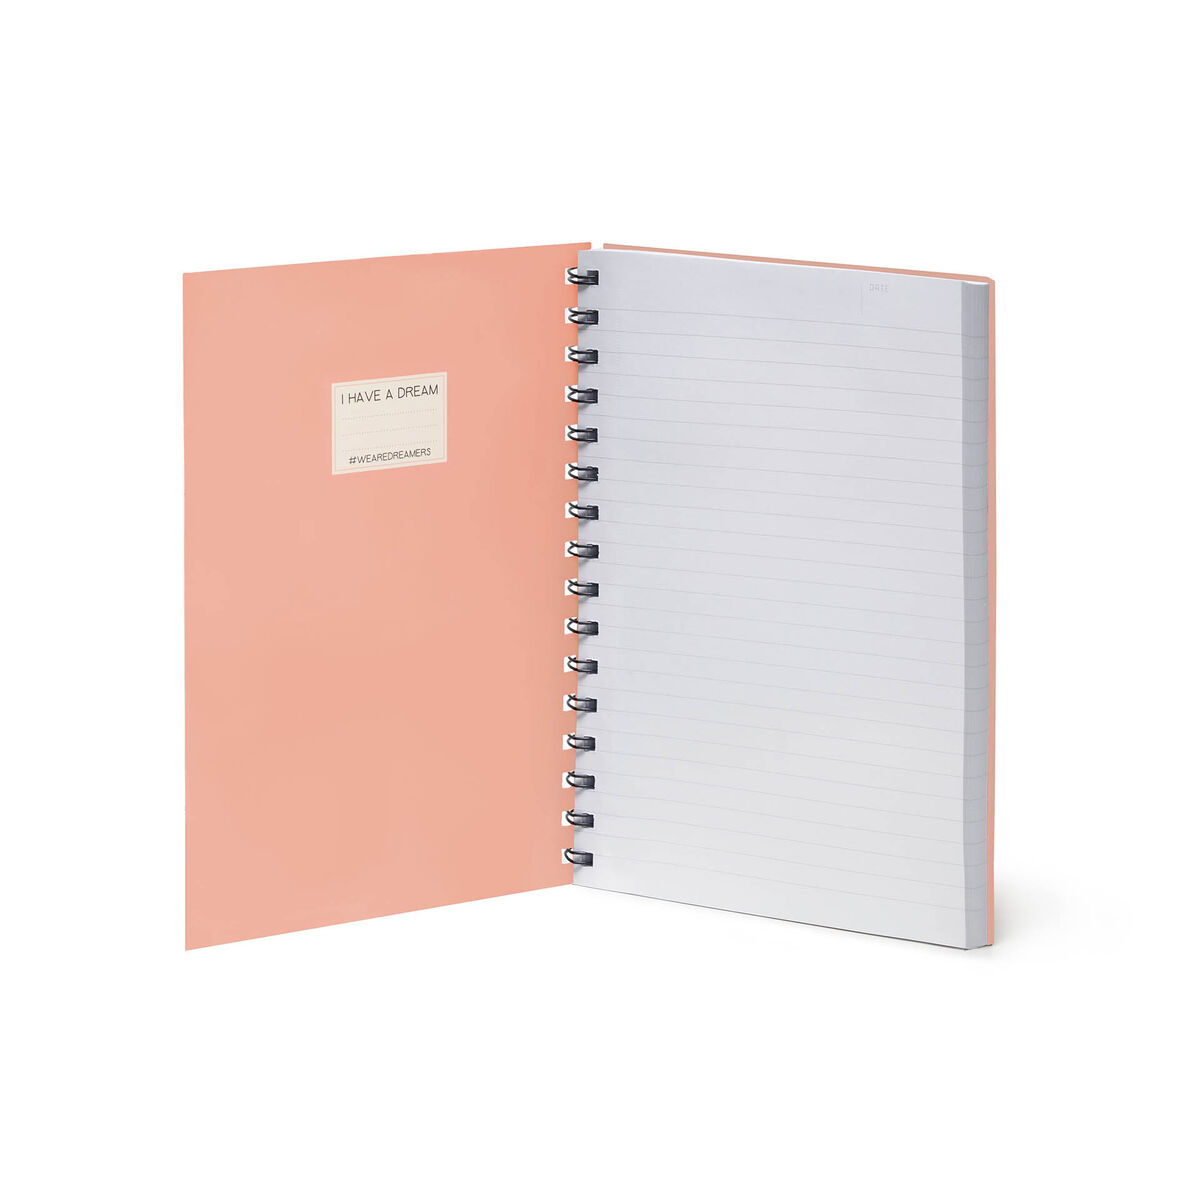 Quaderno a Righe - Foglio A5 - Con Spirale, , zoo